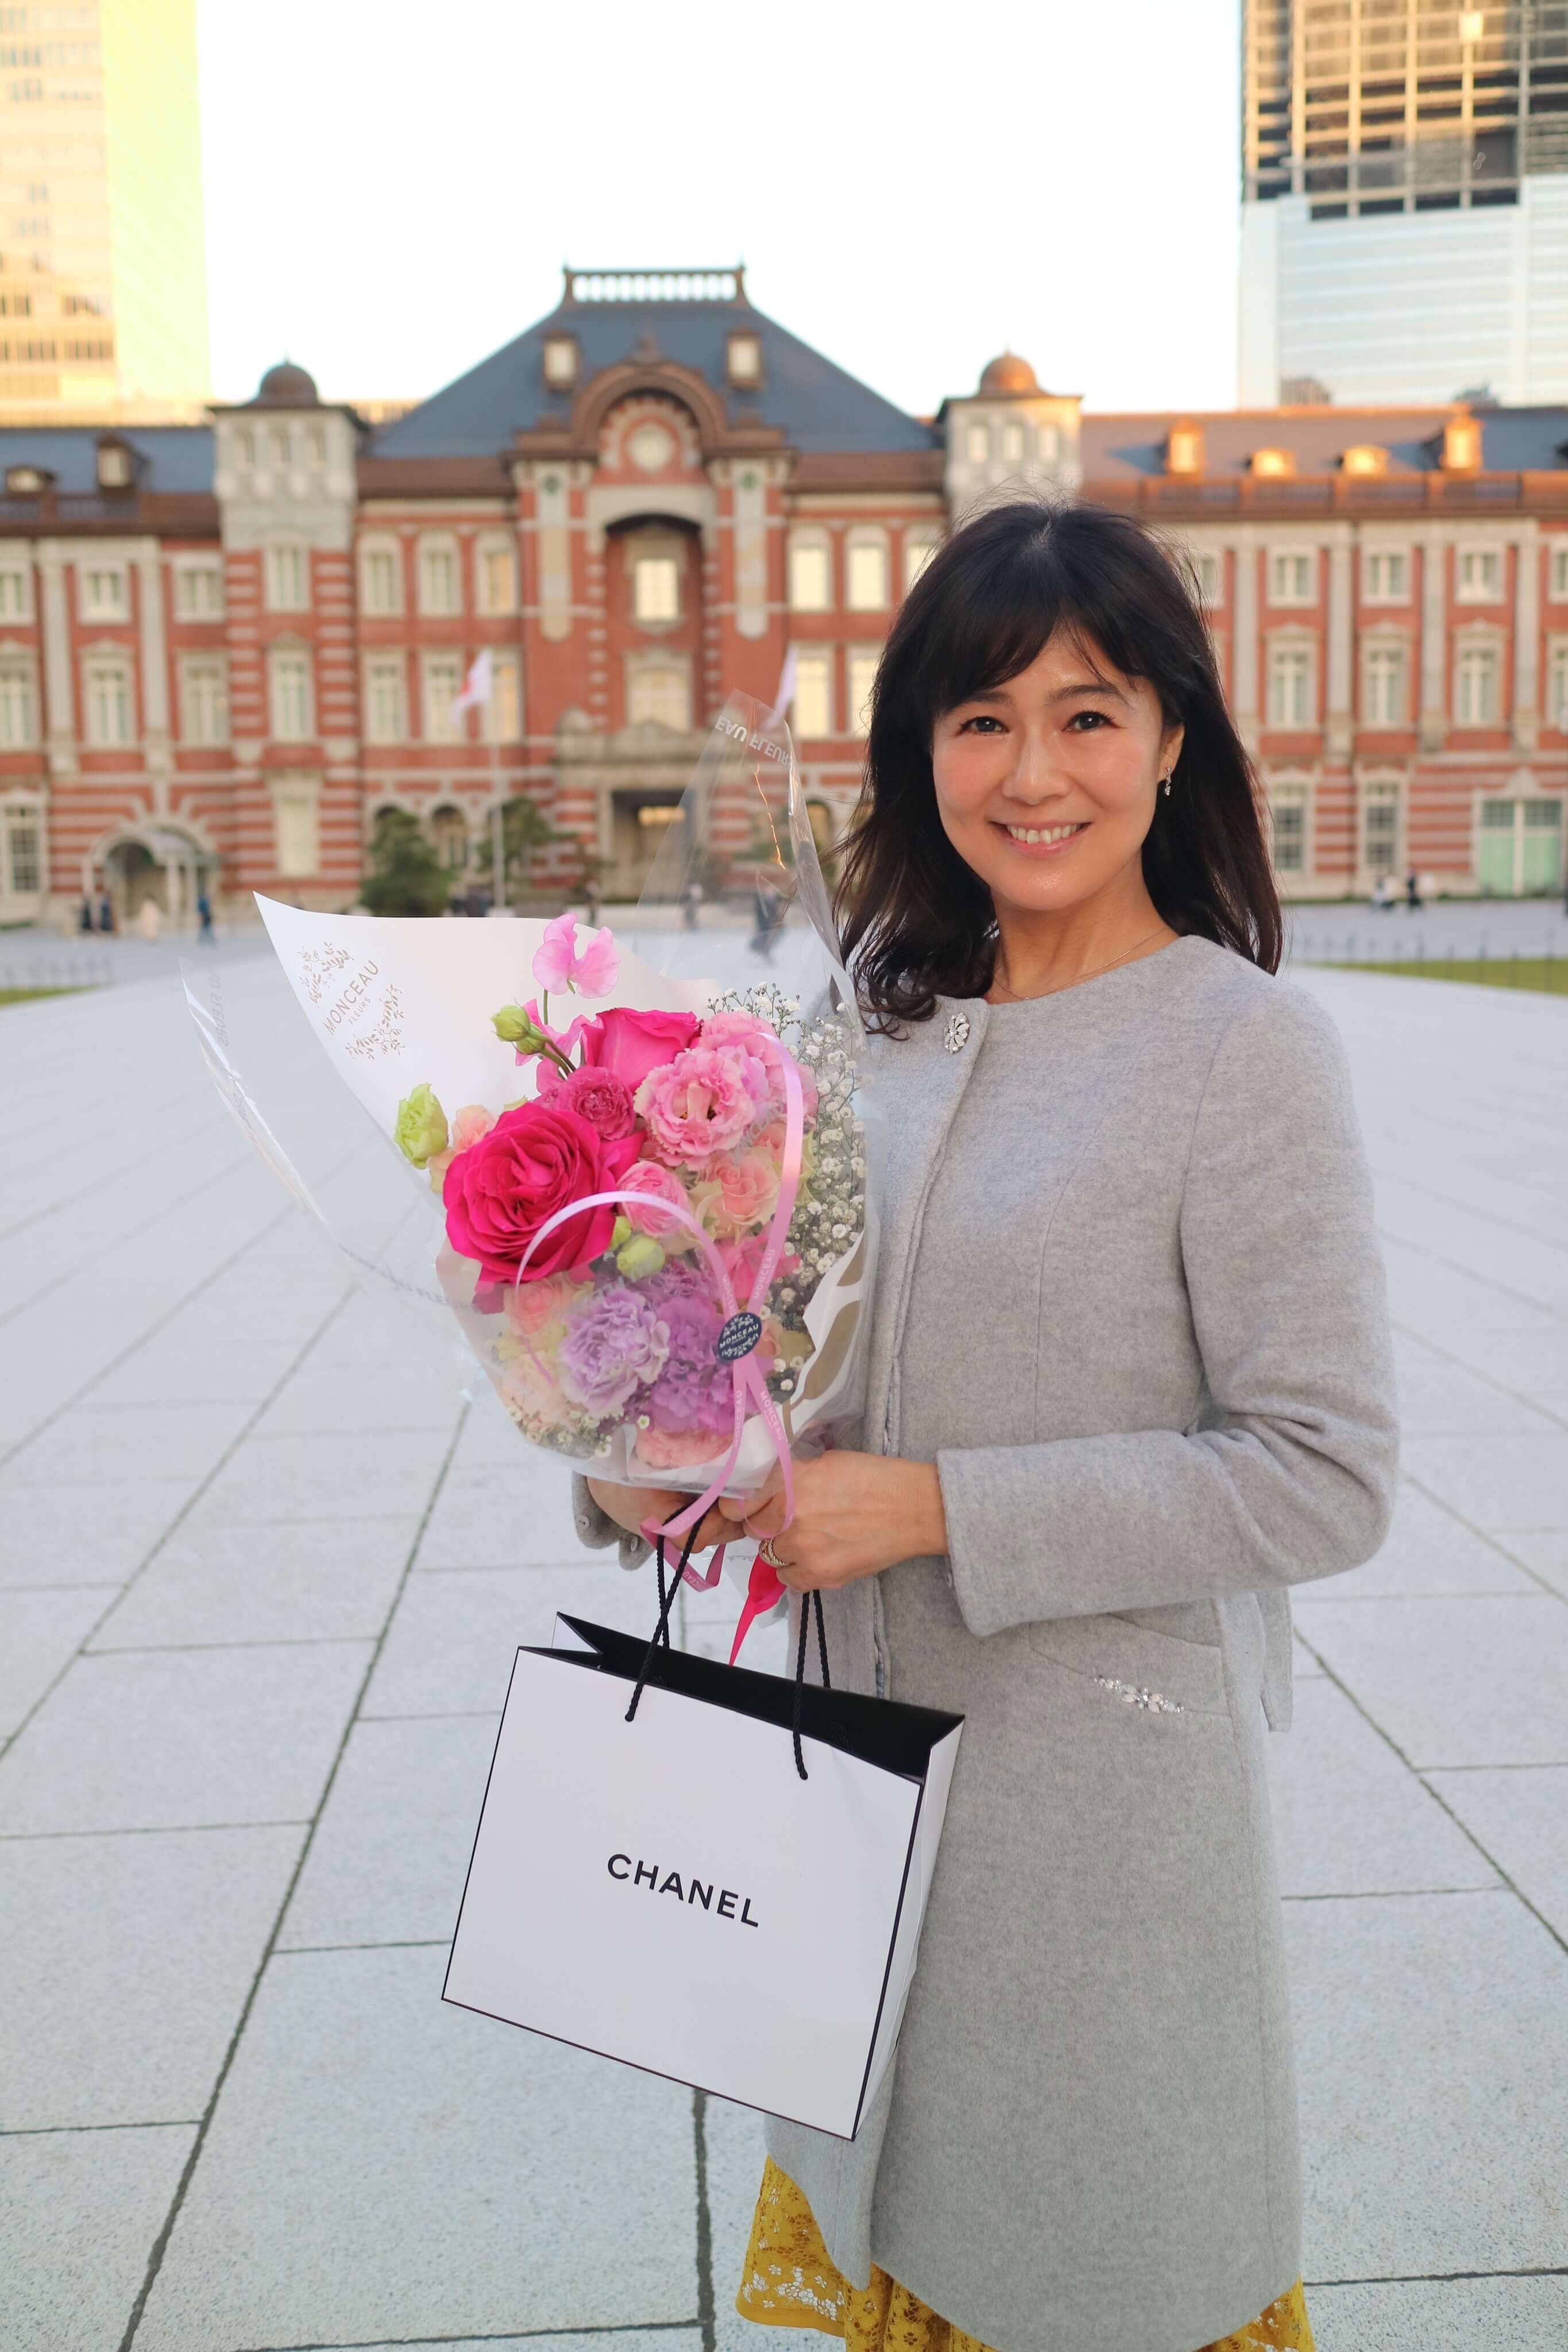 グレーのコートでお誕生日の花束とプレゼントを持って東京駅の前で記念撮影